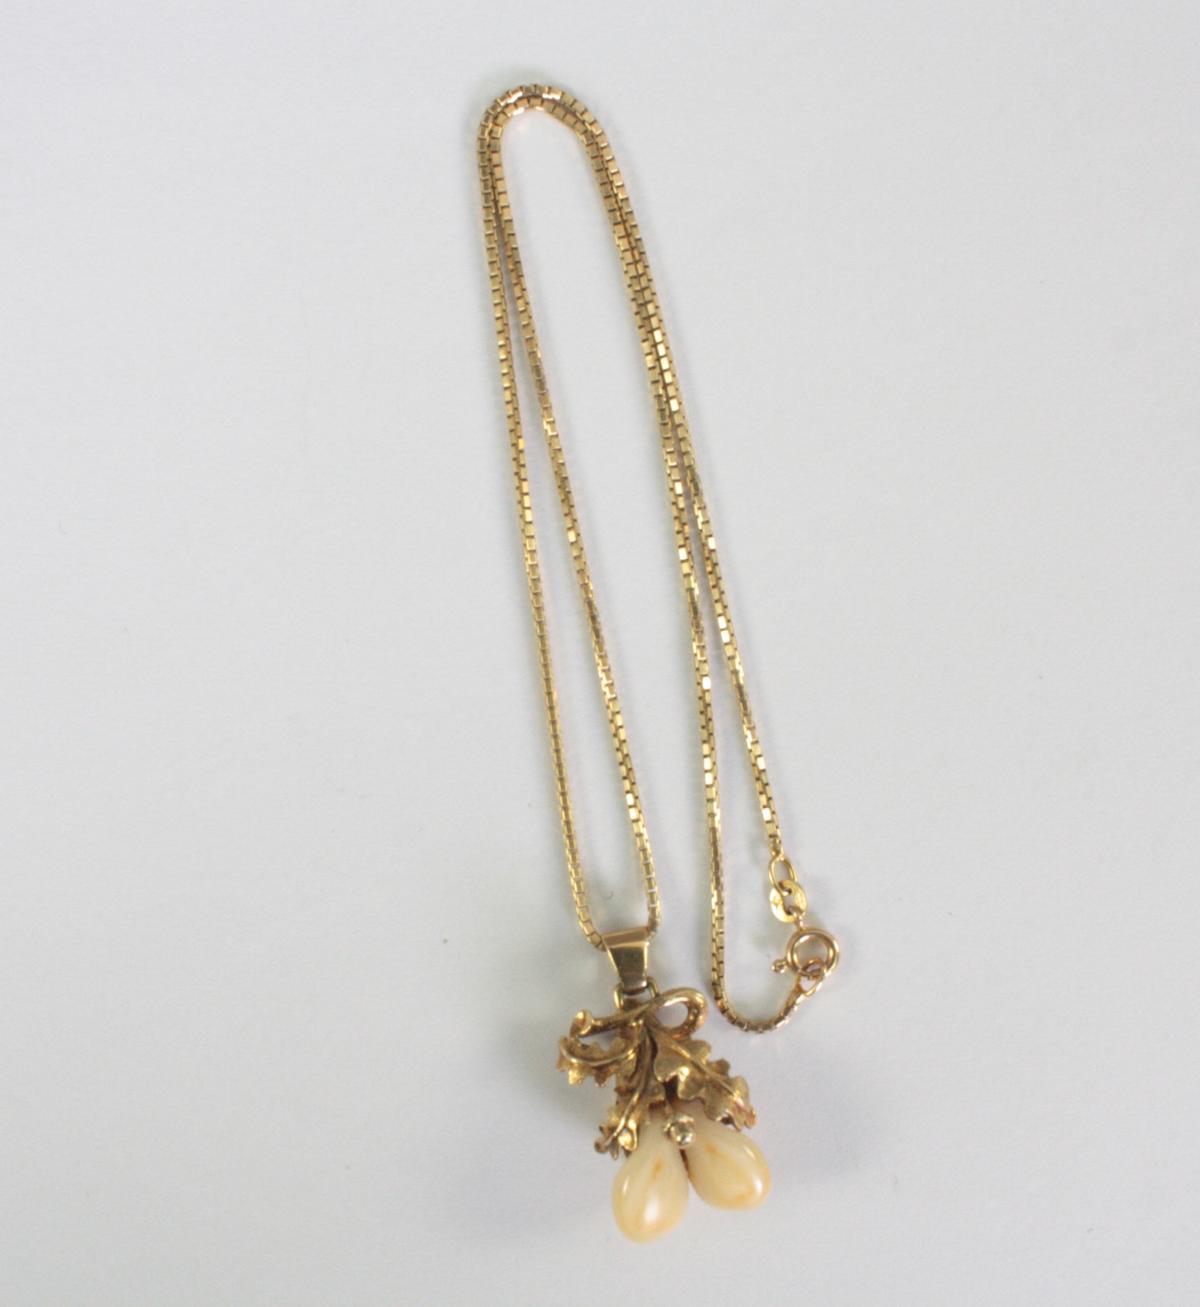 Halskette mit Grandelanhänger, 14 Karat Gelbgold